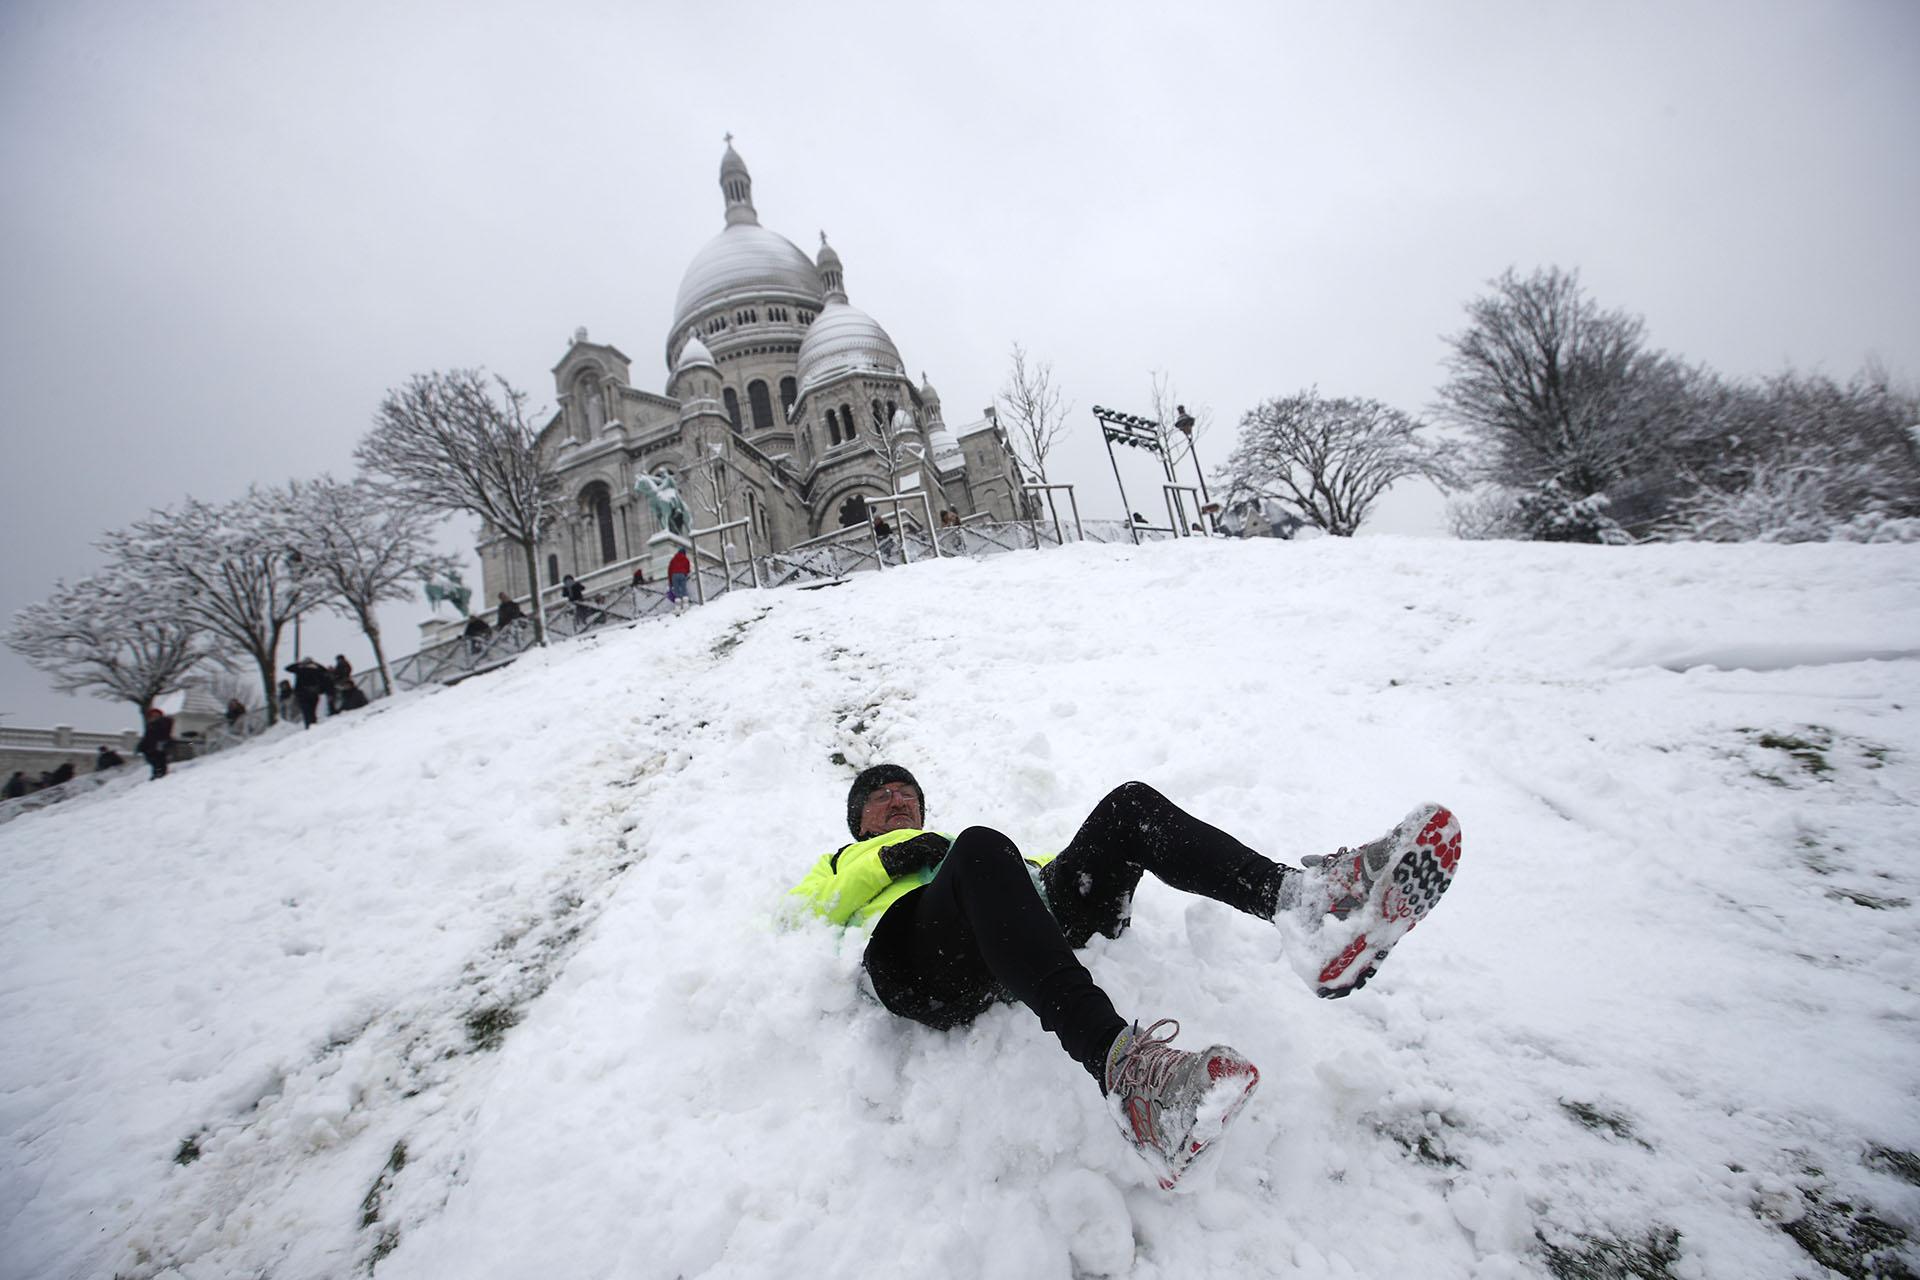 Un esquiador en Montmartre, con basílica del Sagrado Corazón detrás